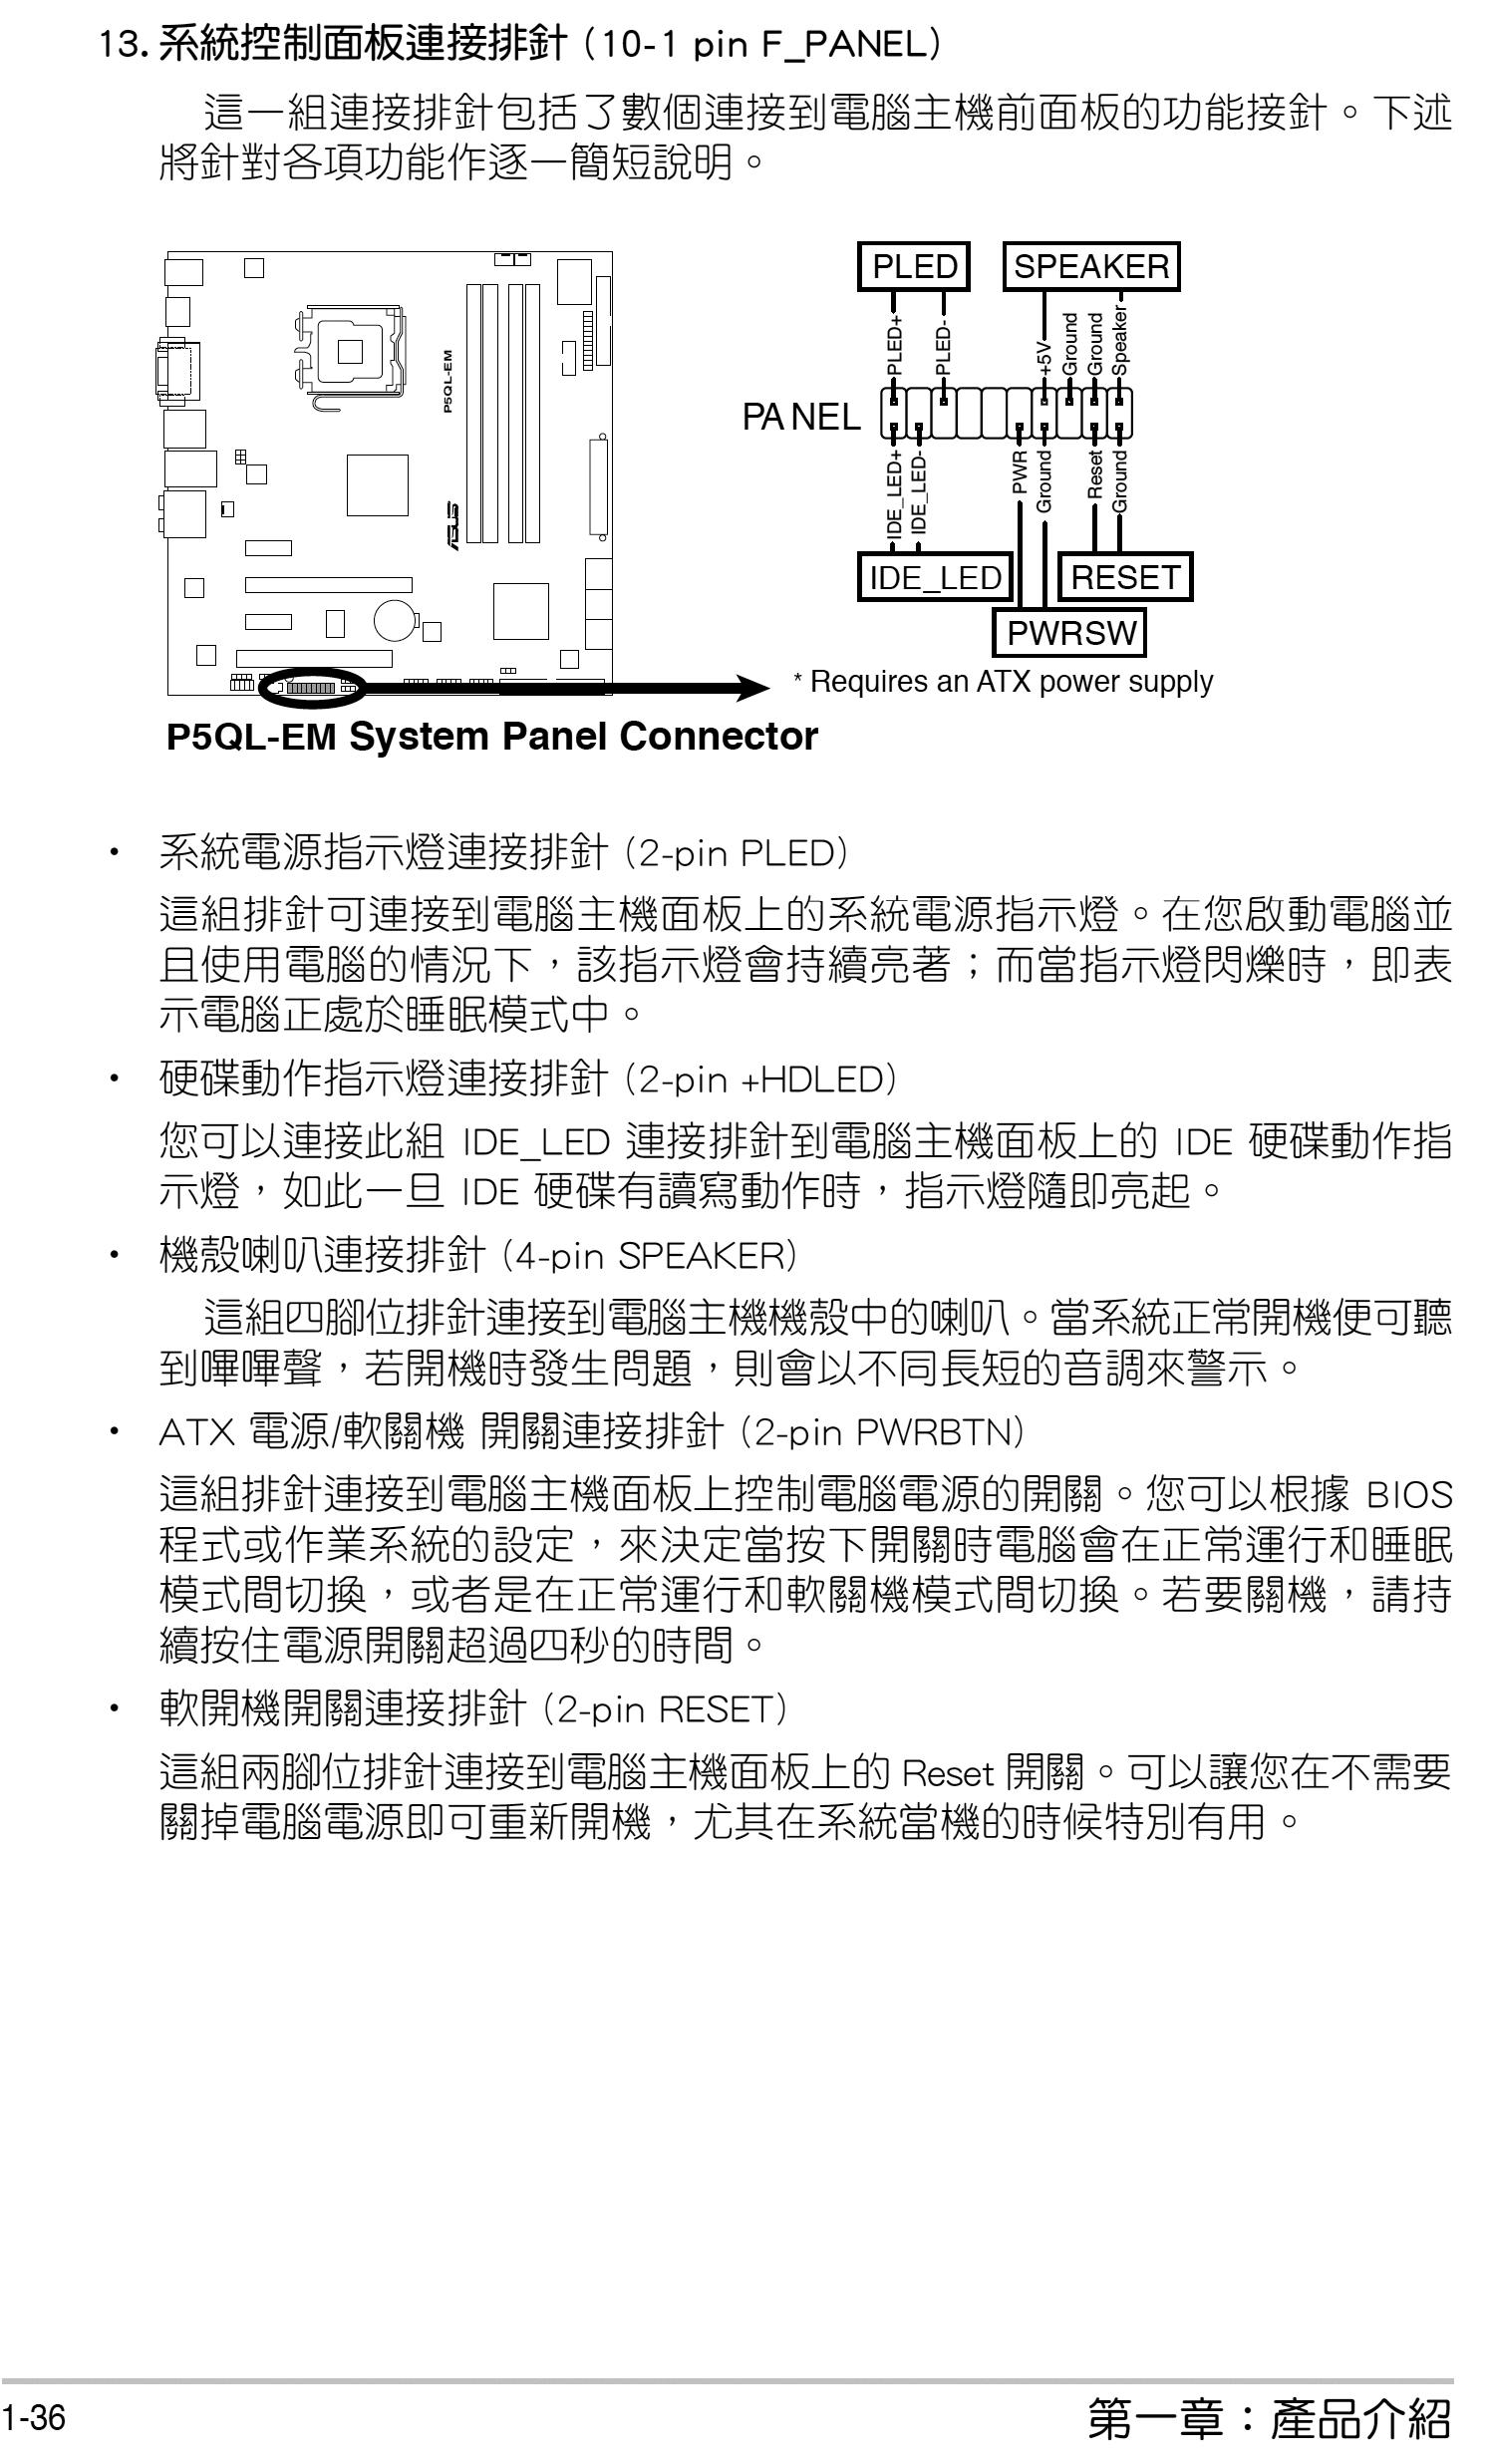 ASUS-P5QL-EM.png